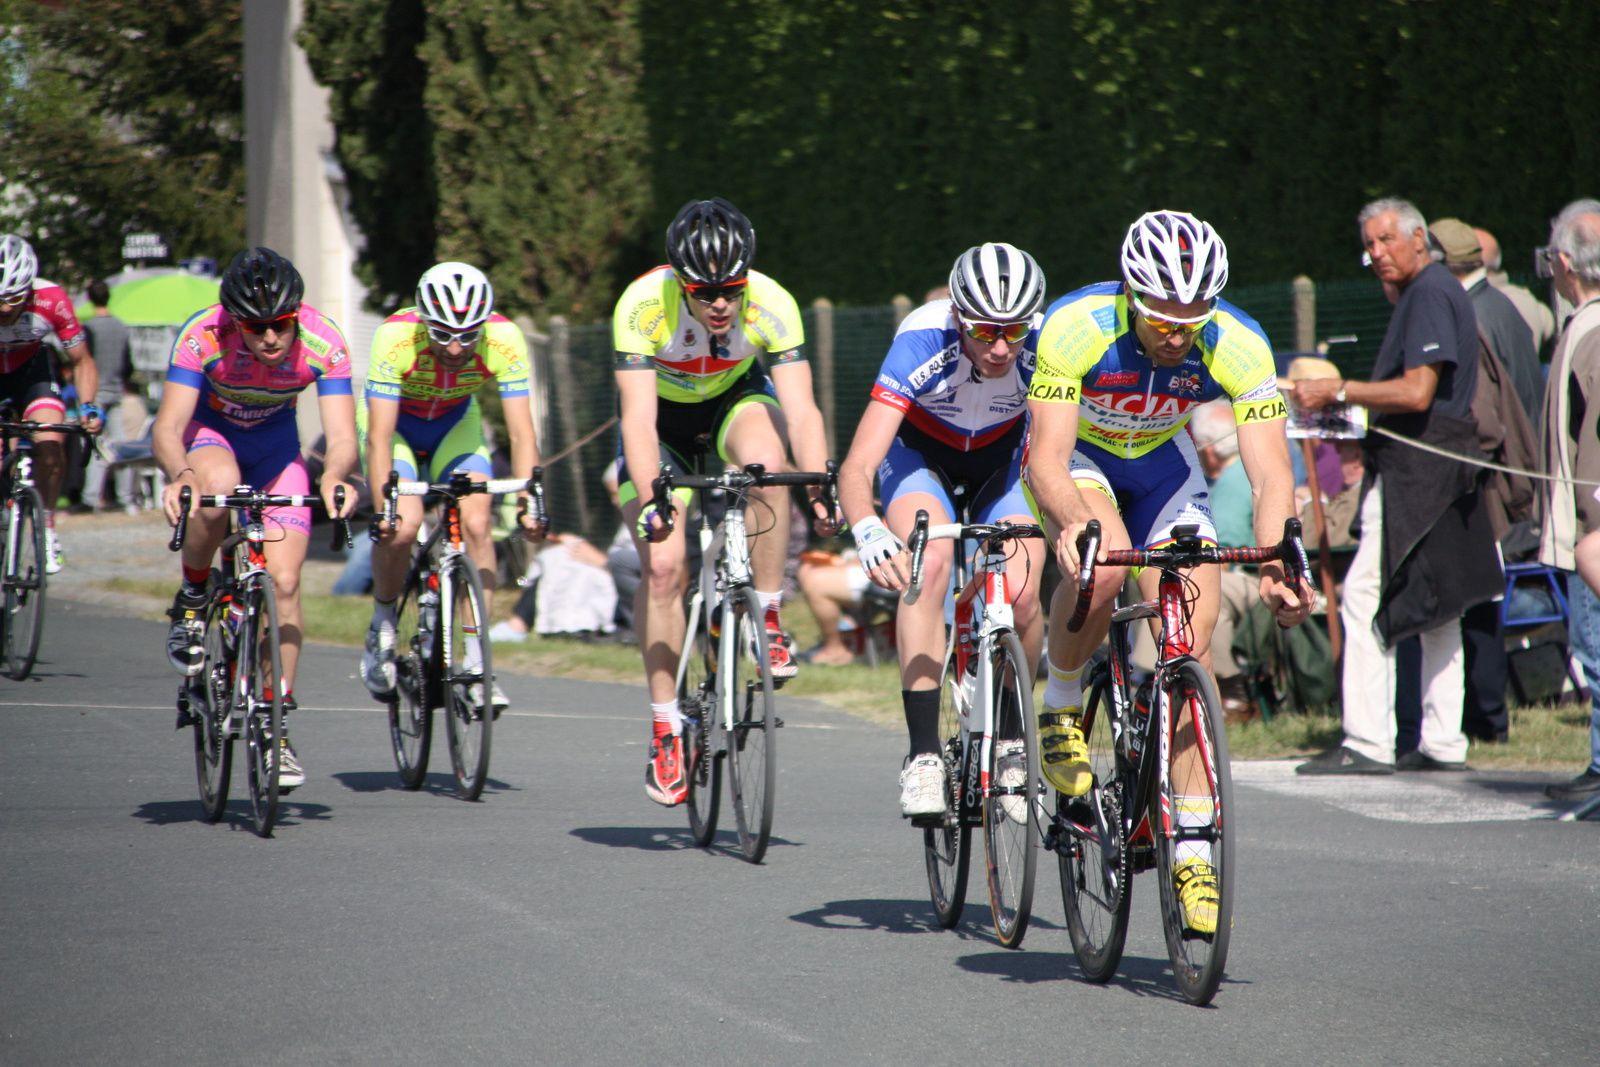 Les  3  hommes  sont  en  train  de  se  mettre  hors  de  portée  du  1er  groupe  composé  de  8  coureurs  alors  que  2  coureurs  de  l'APOGE  sont  sortit  du  peloton